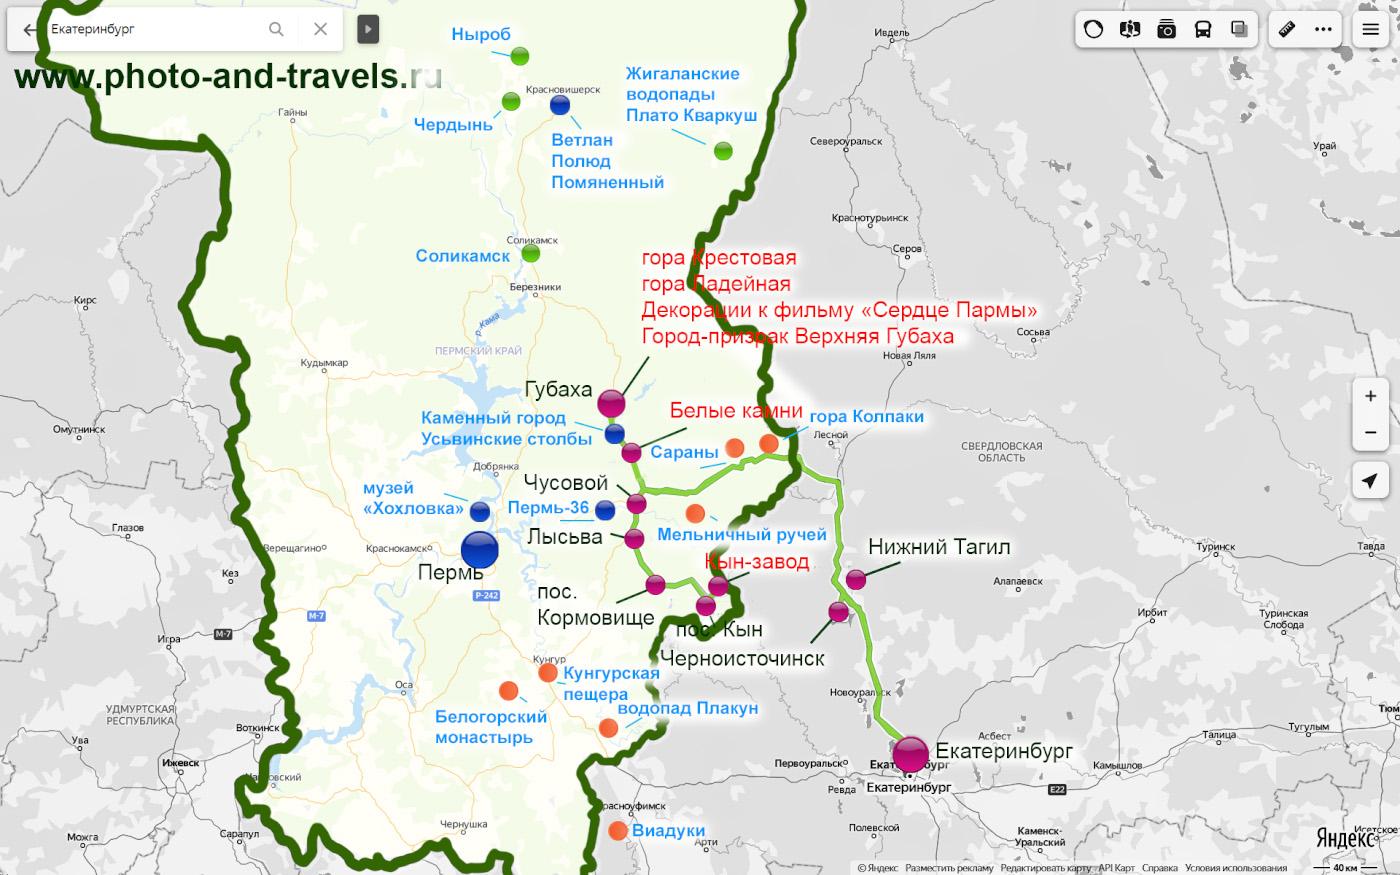 3. Карта со схемой расположения города Губаха и горы Крестовая по отношению к Перми и Екатеринбургу.